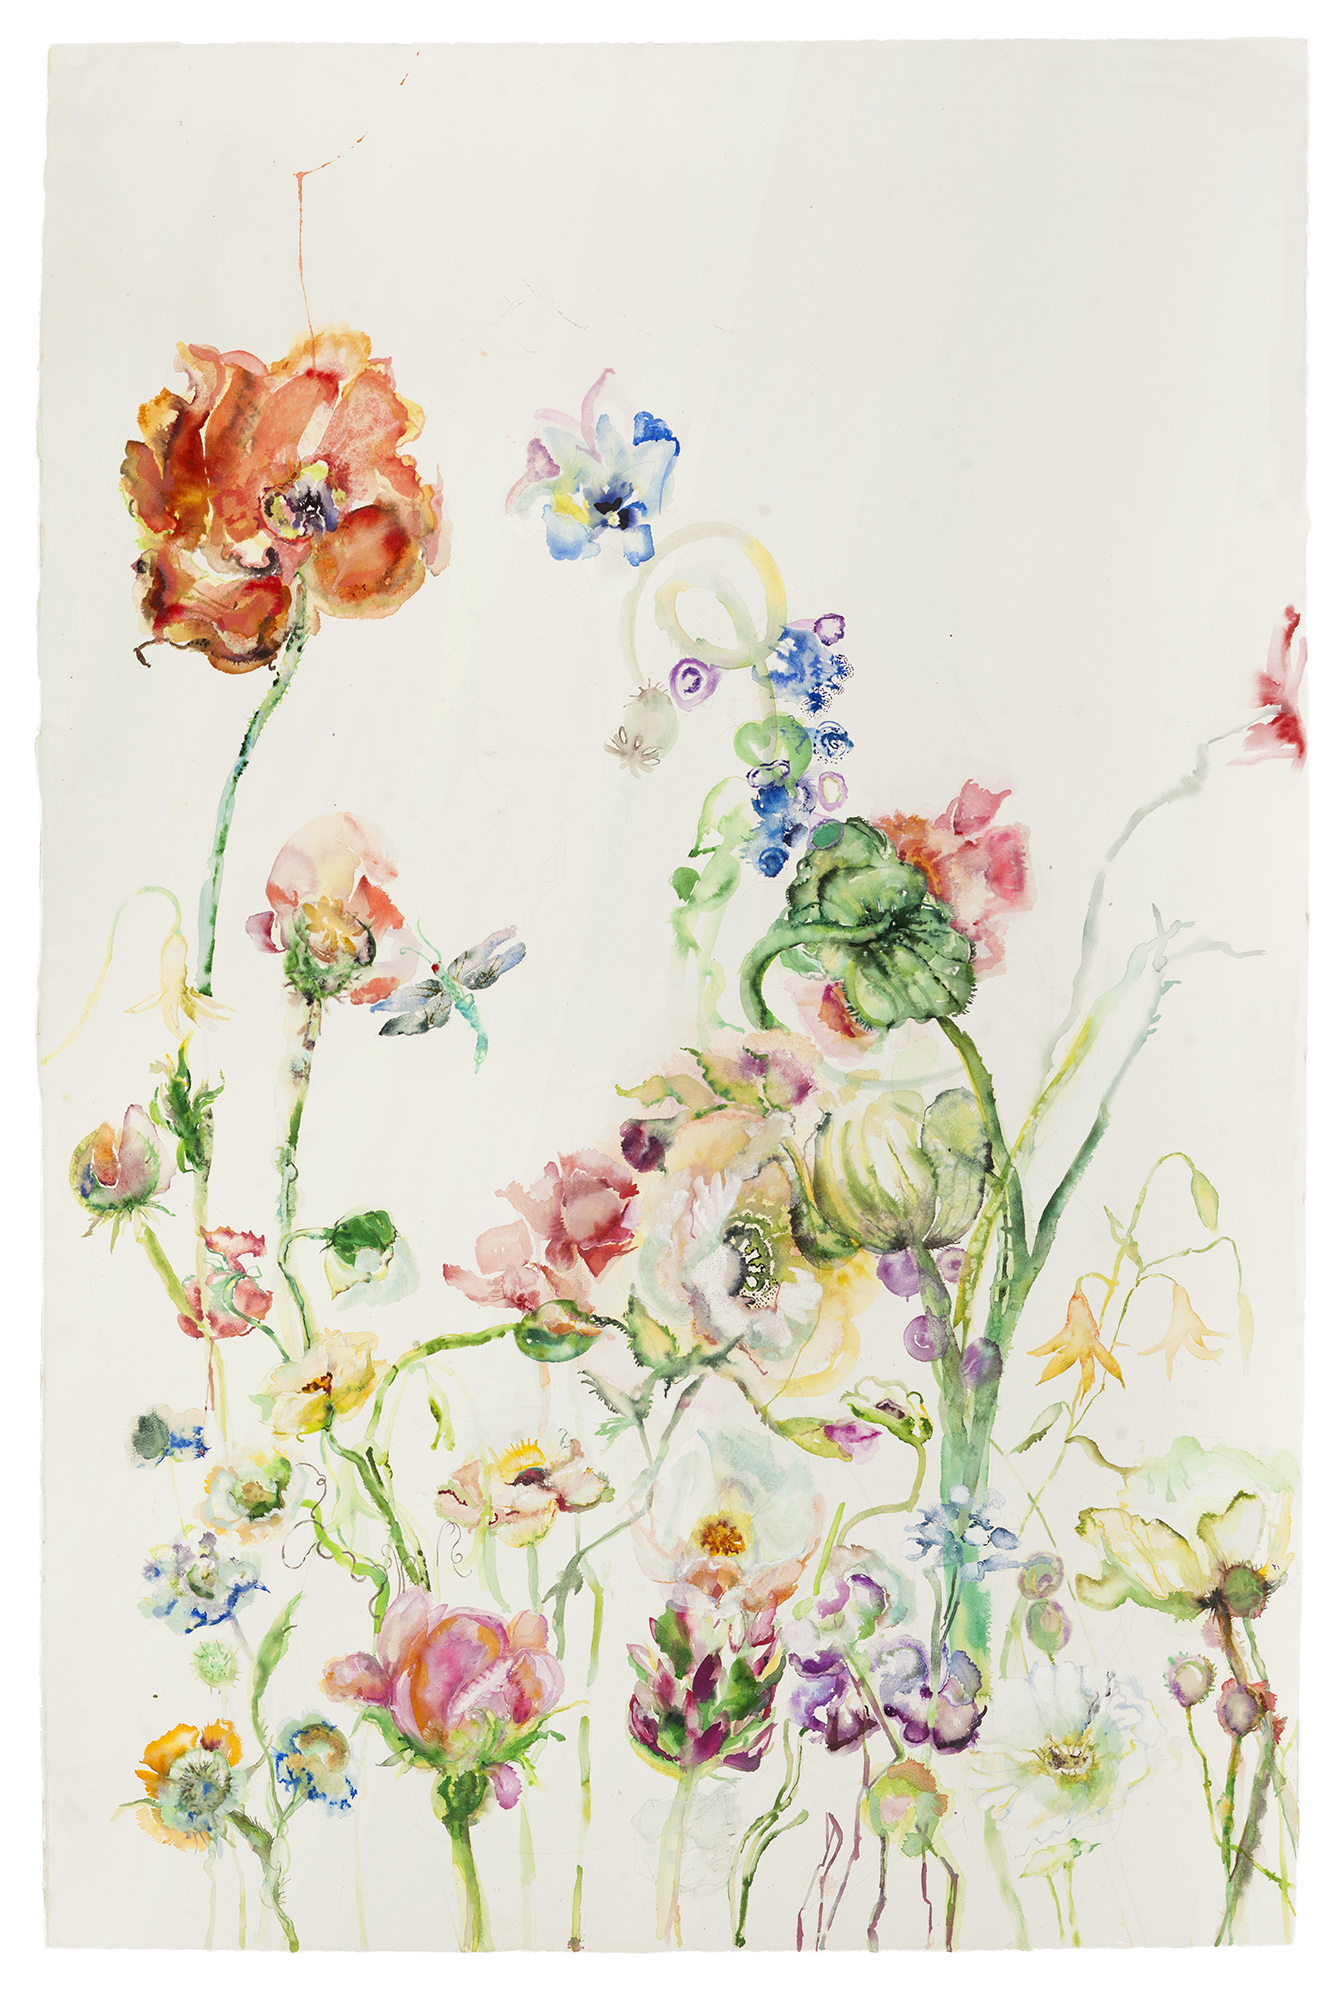 Poppy, 2017, Watercolor on paper, 60 x 40 in.